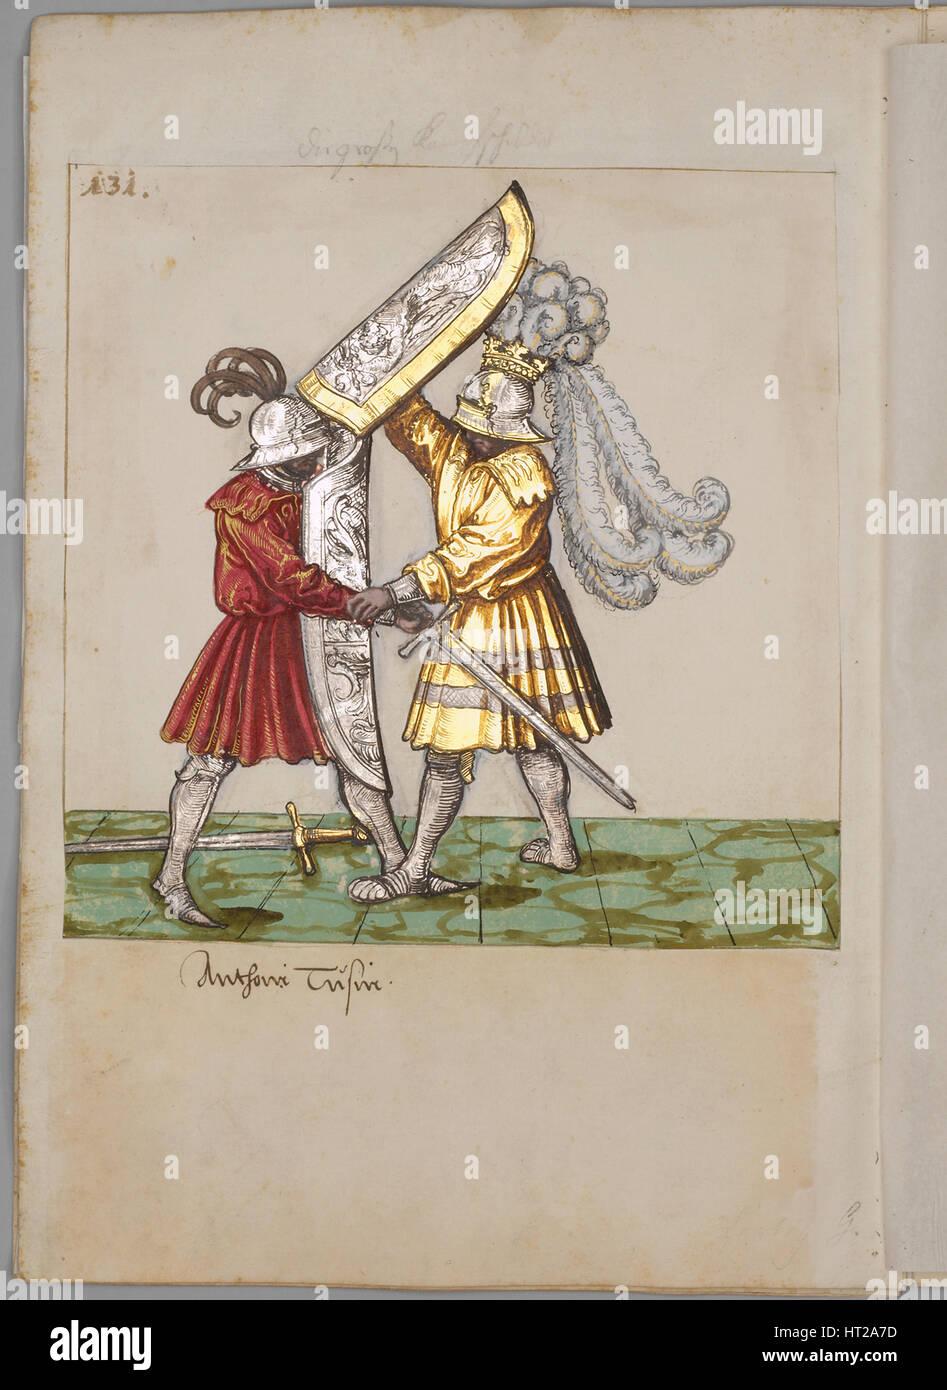 Abbildung aus dem Turnier-Buch von Kaiser Maximilian i., 1512-1515. Künstler: Süd deutscher Meister (16. Stockbild